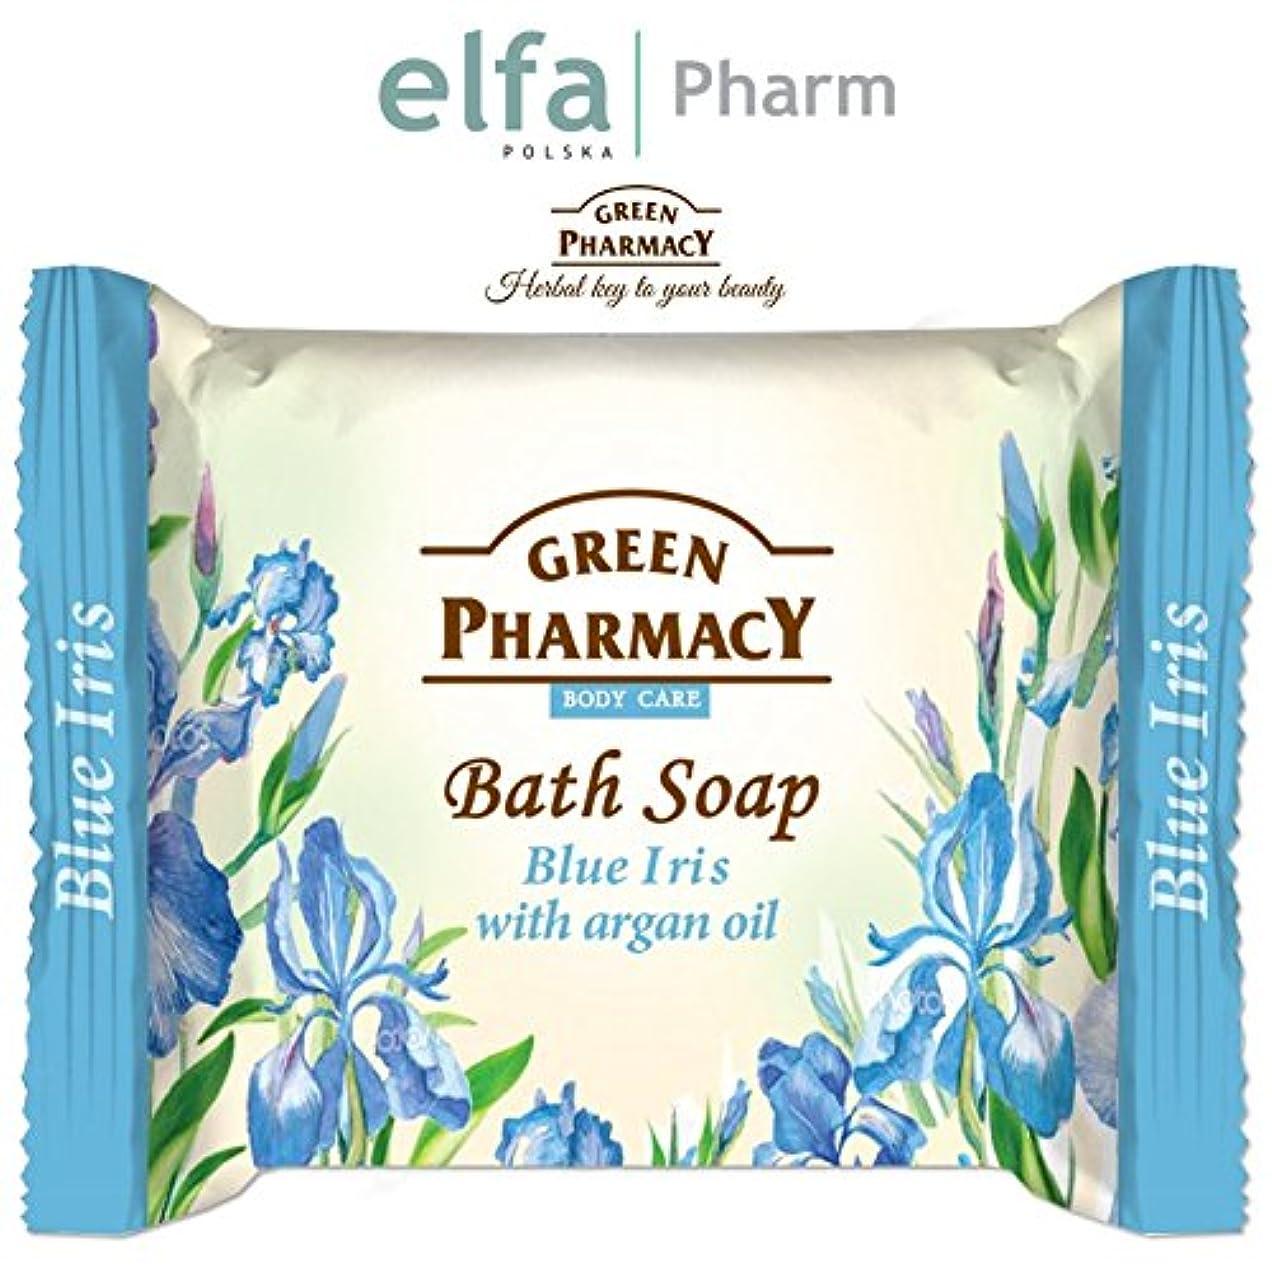 他のバンドで疑いカブ石鹸 固形 安心?安全 古代からのハーブの知識を生かして作られた固形せっけん ポーランドのグリーンファーマシー elfa Pharm Green Pharmacy Bath Soap Blue Iris with Argan...